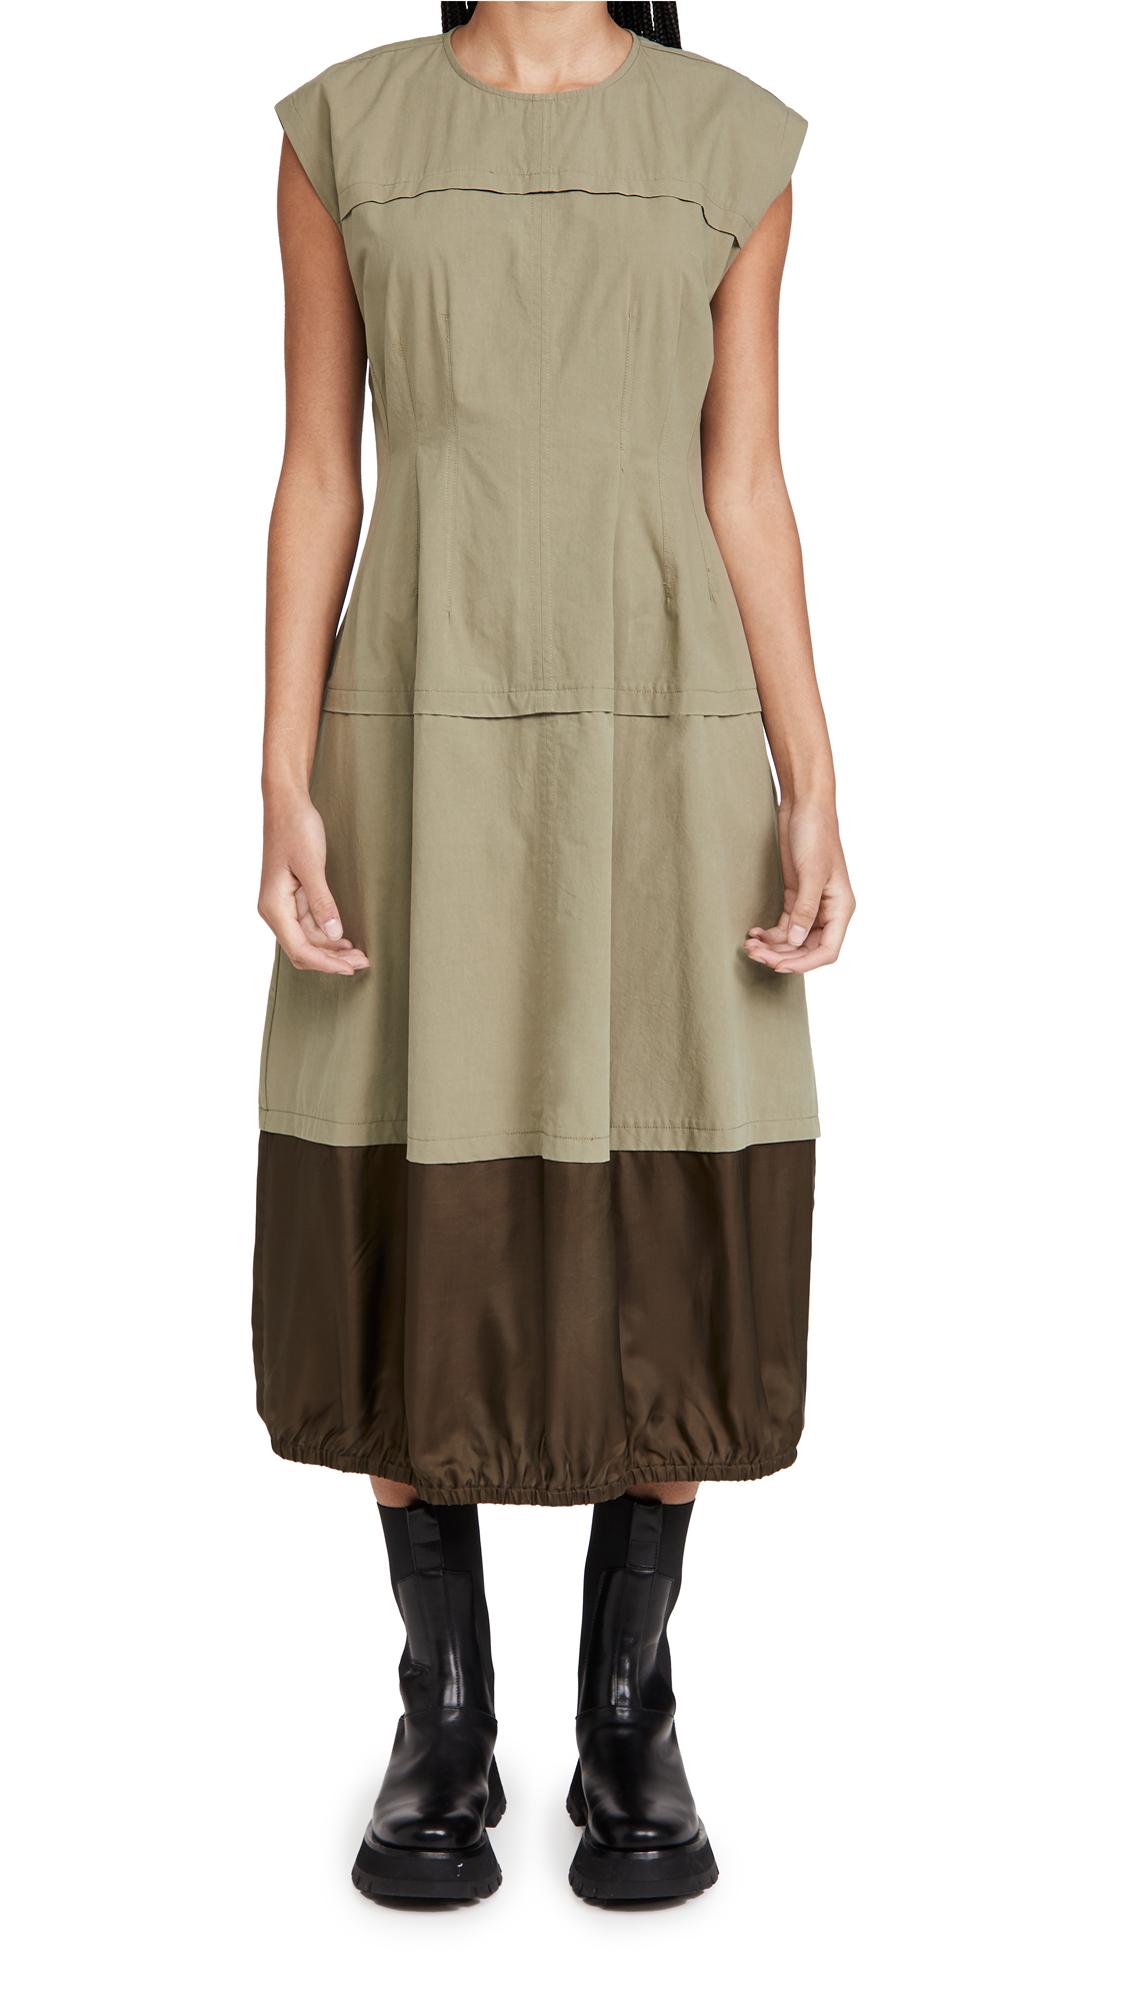 Lee Mathews Birder Spliced Parachute Dress